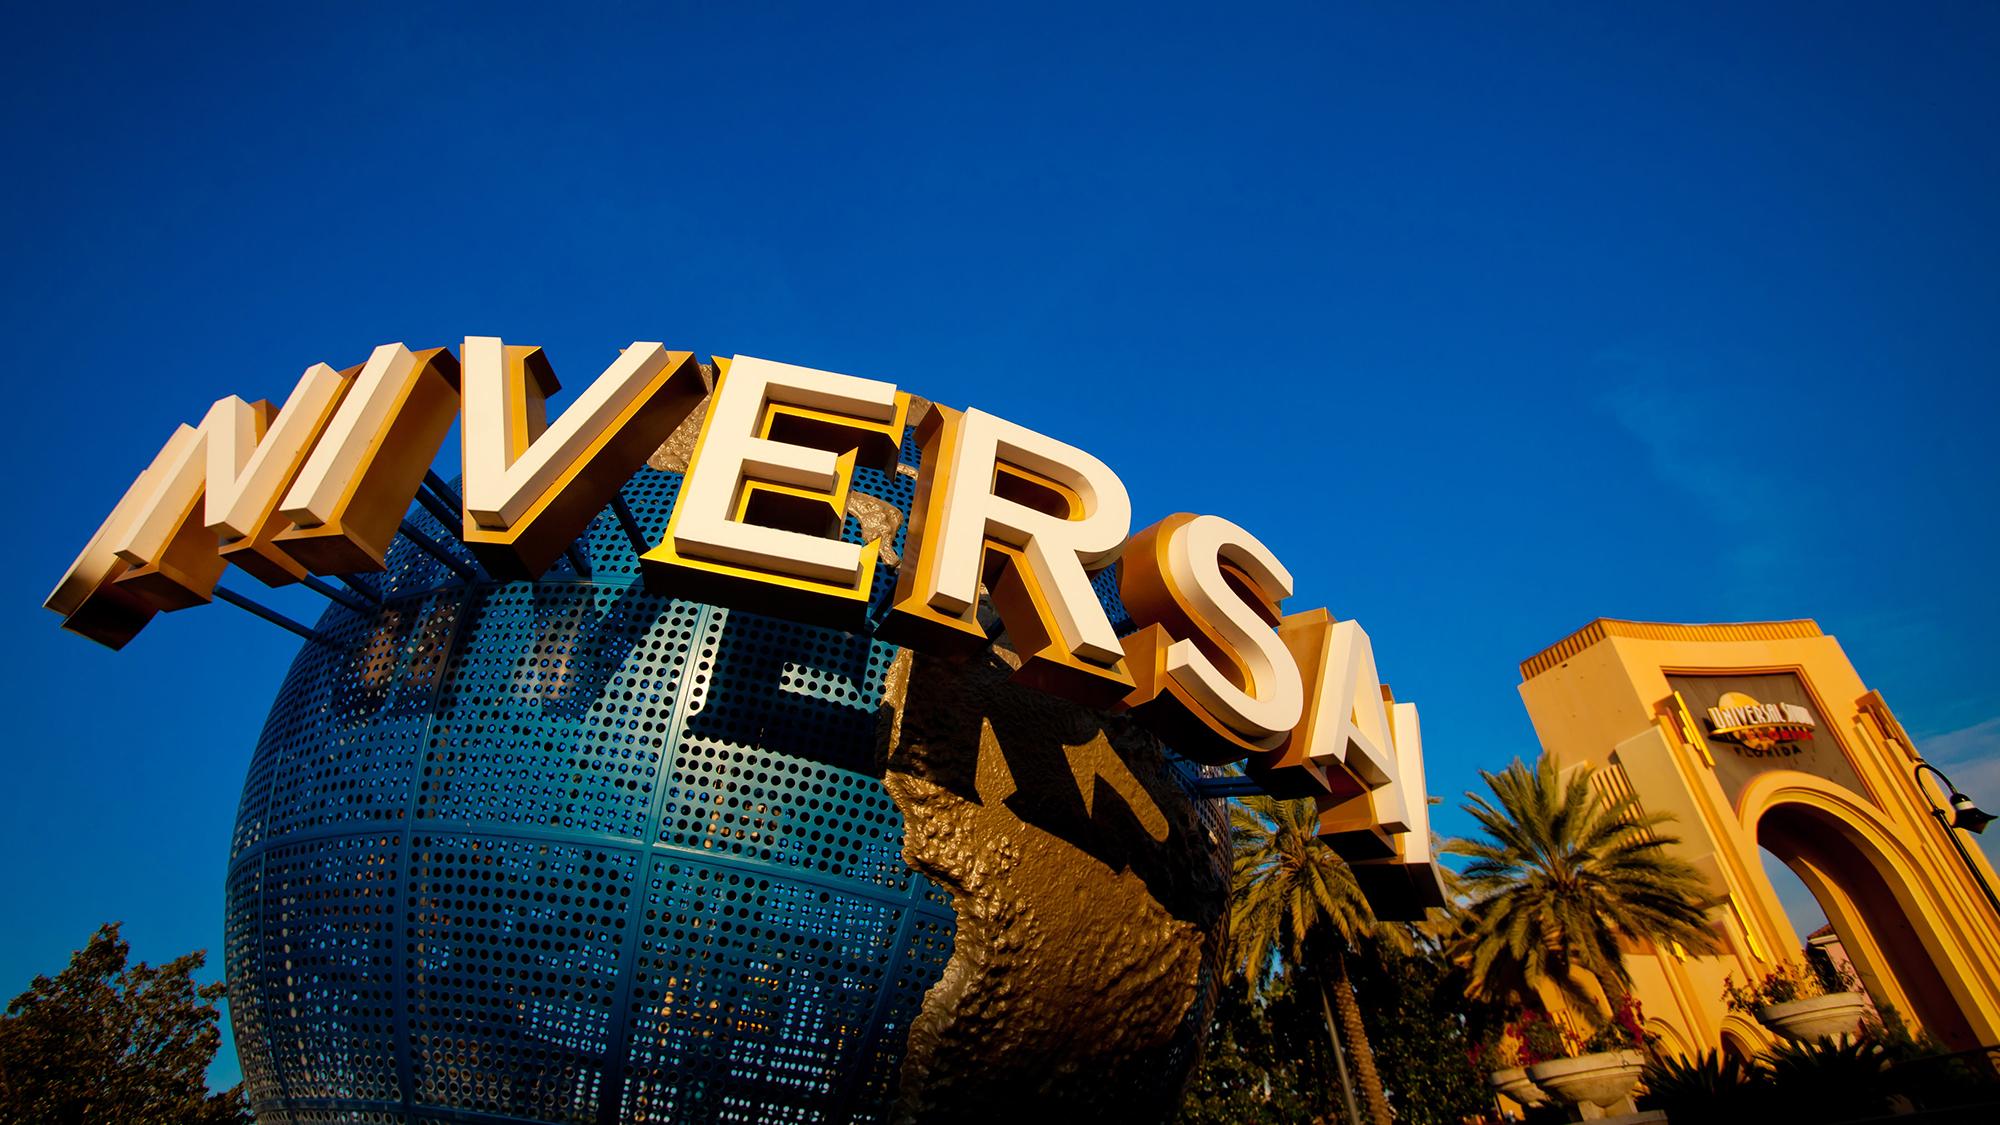 Universal paralisa obras de construção do Epic Universe, novo parque temático em Orlando